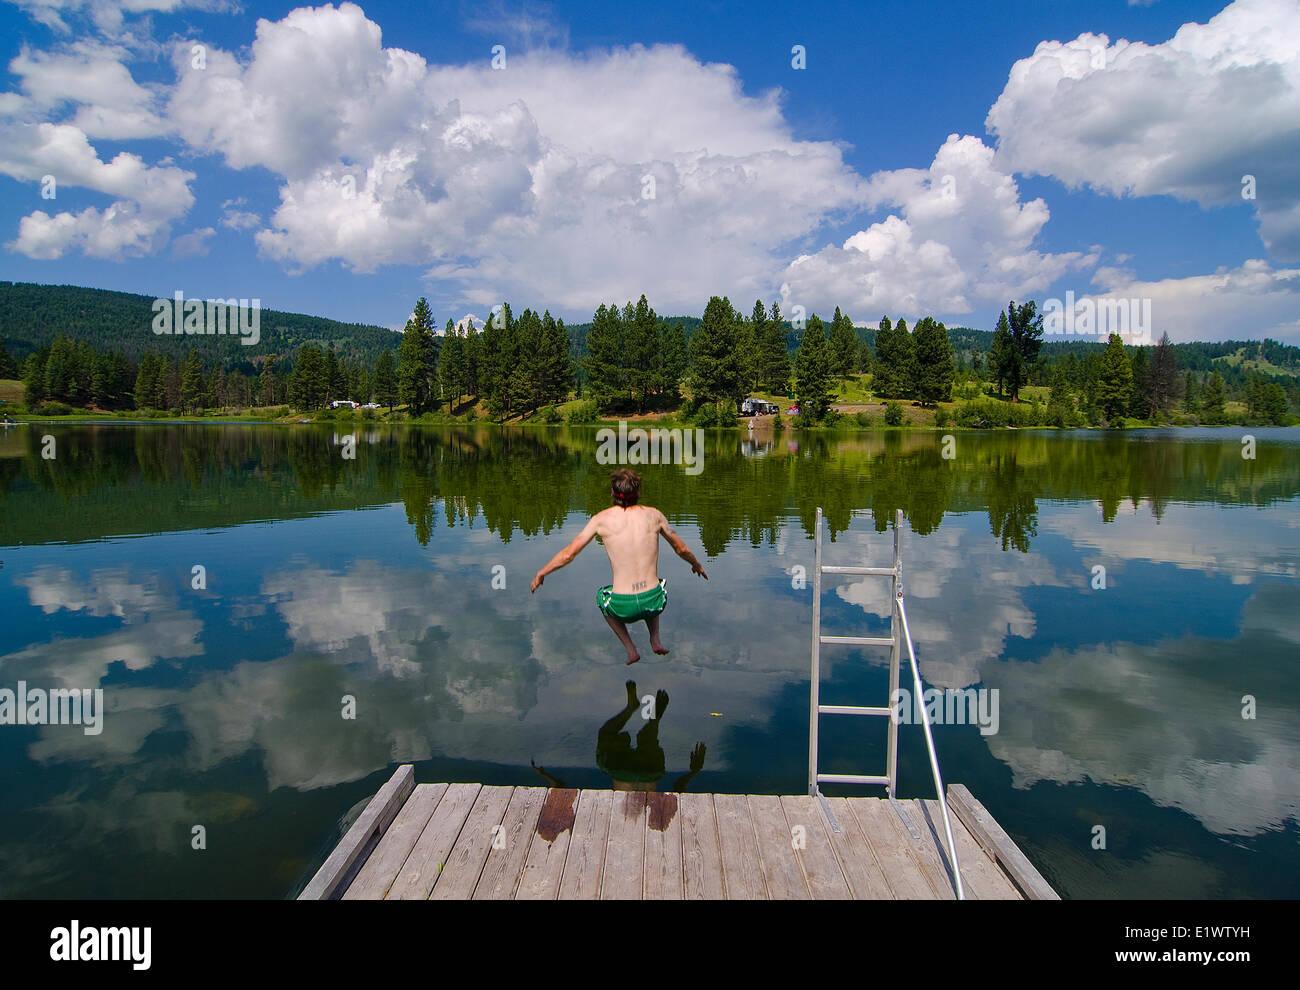 Swimming, Harmon Lake, Kane Valley, near Merritt, British Columbia, Canada. MR_001 - Stock Image